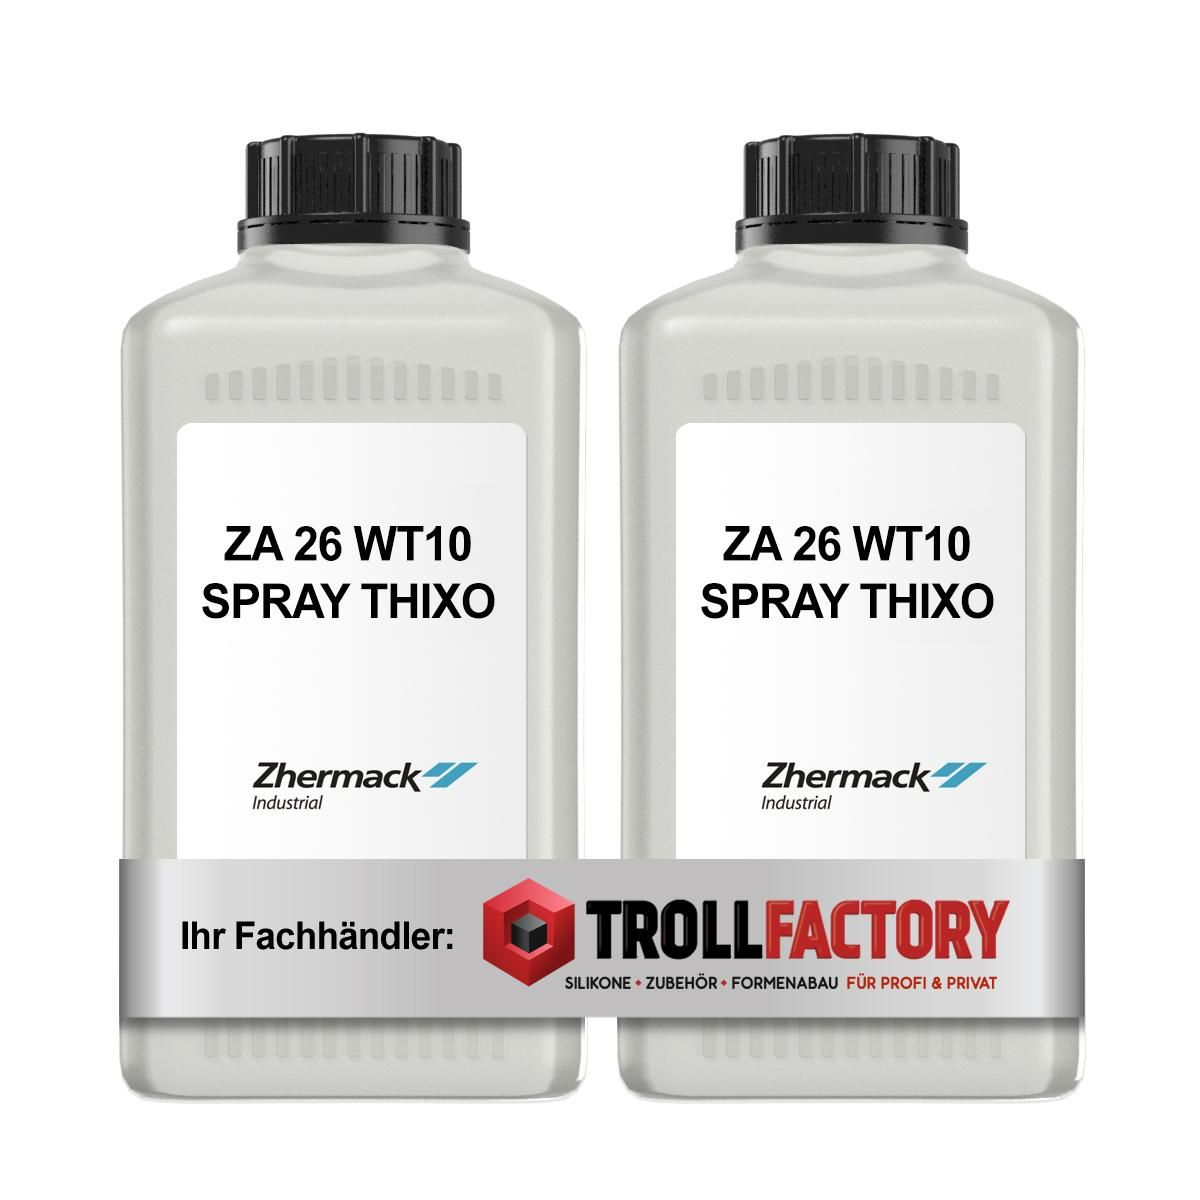 Zhermack Silikon Kautschuk ZA 26 WT10 SPRAY THIXO 3+3 kg